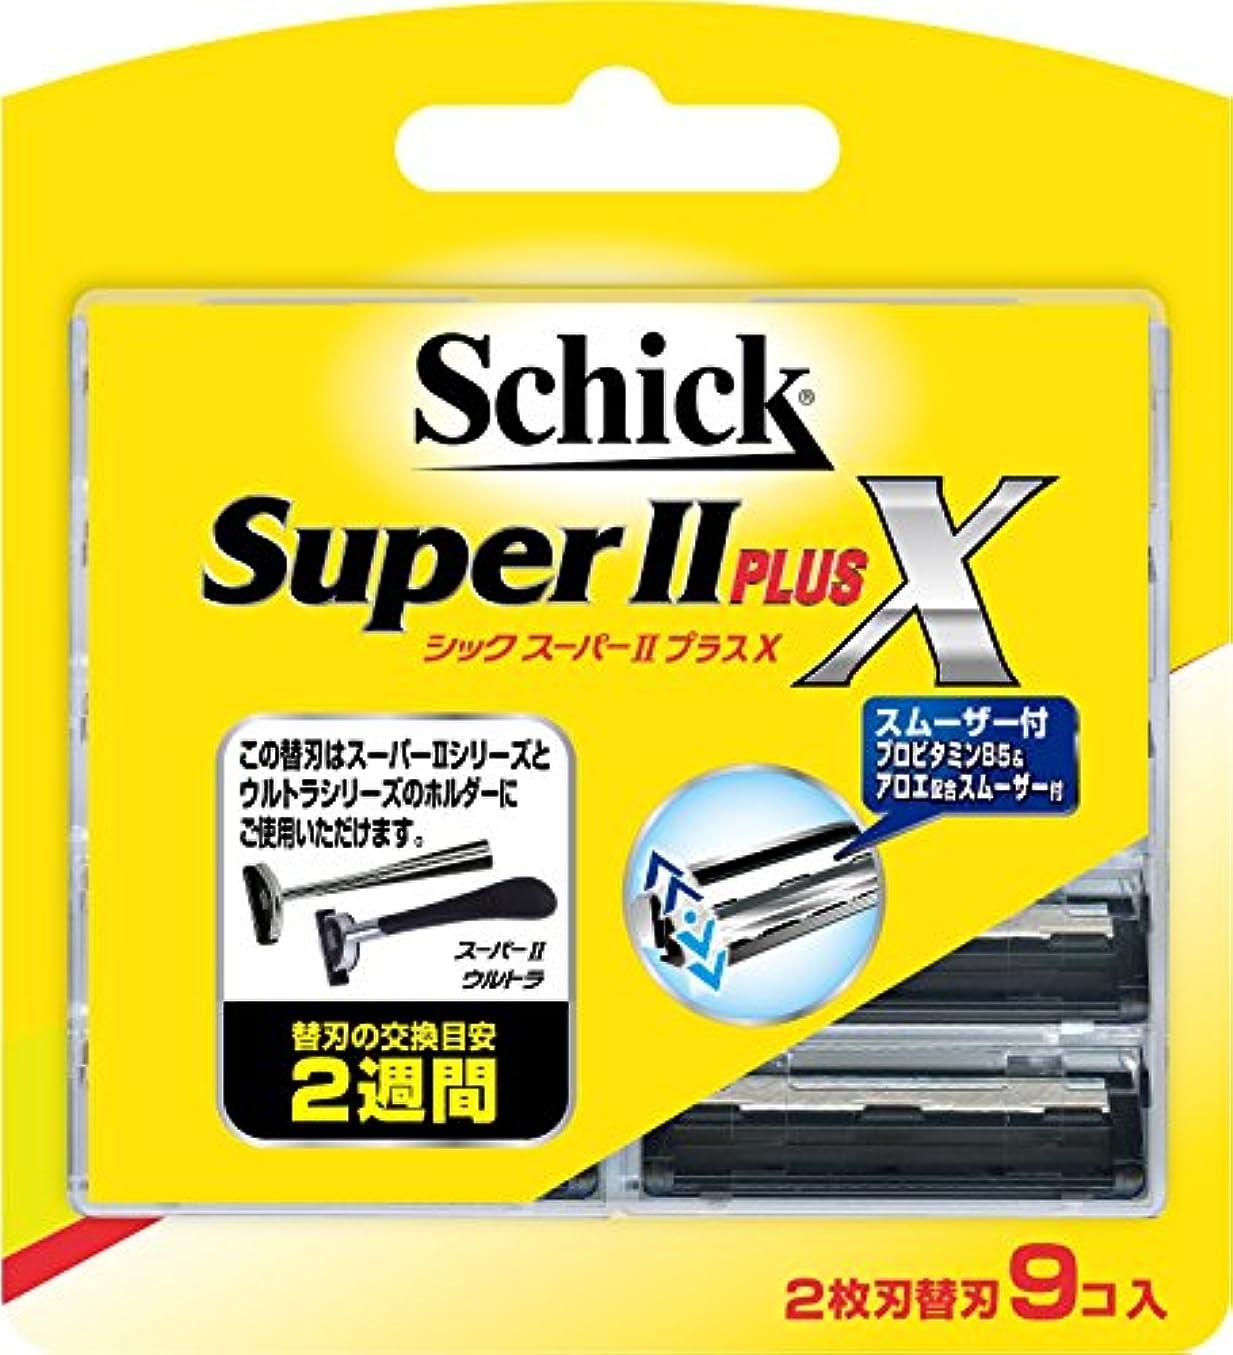 罪荒涼とした宝石シック スーパーIIプラスX 替刃 (9コ入)